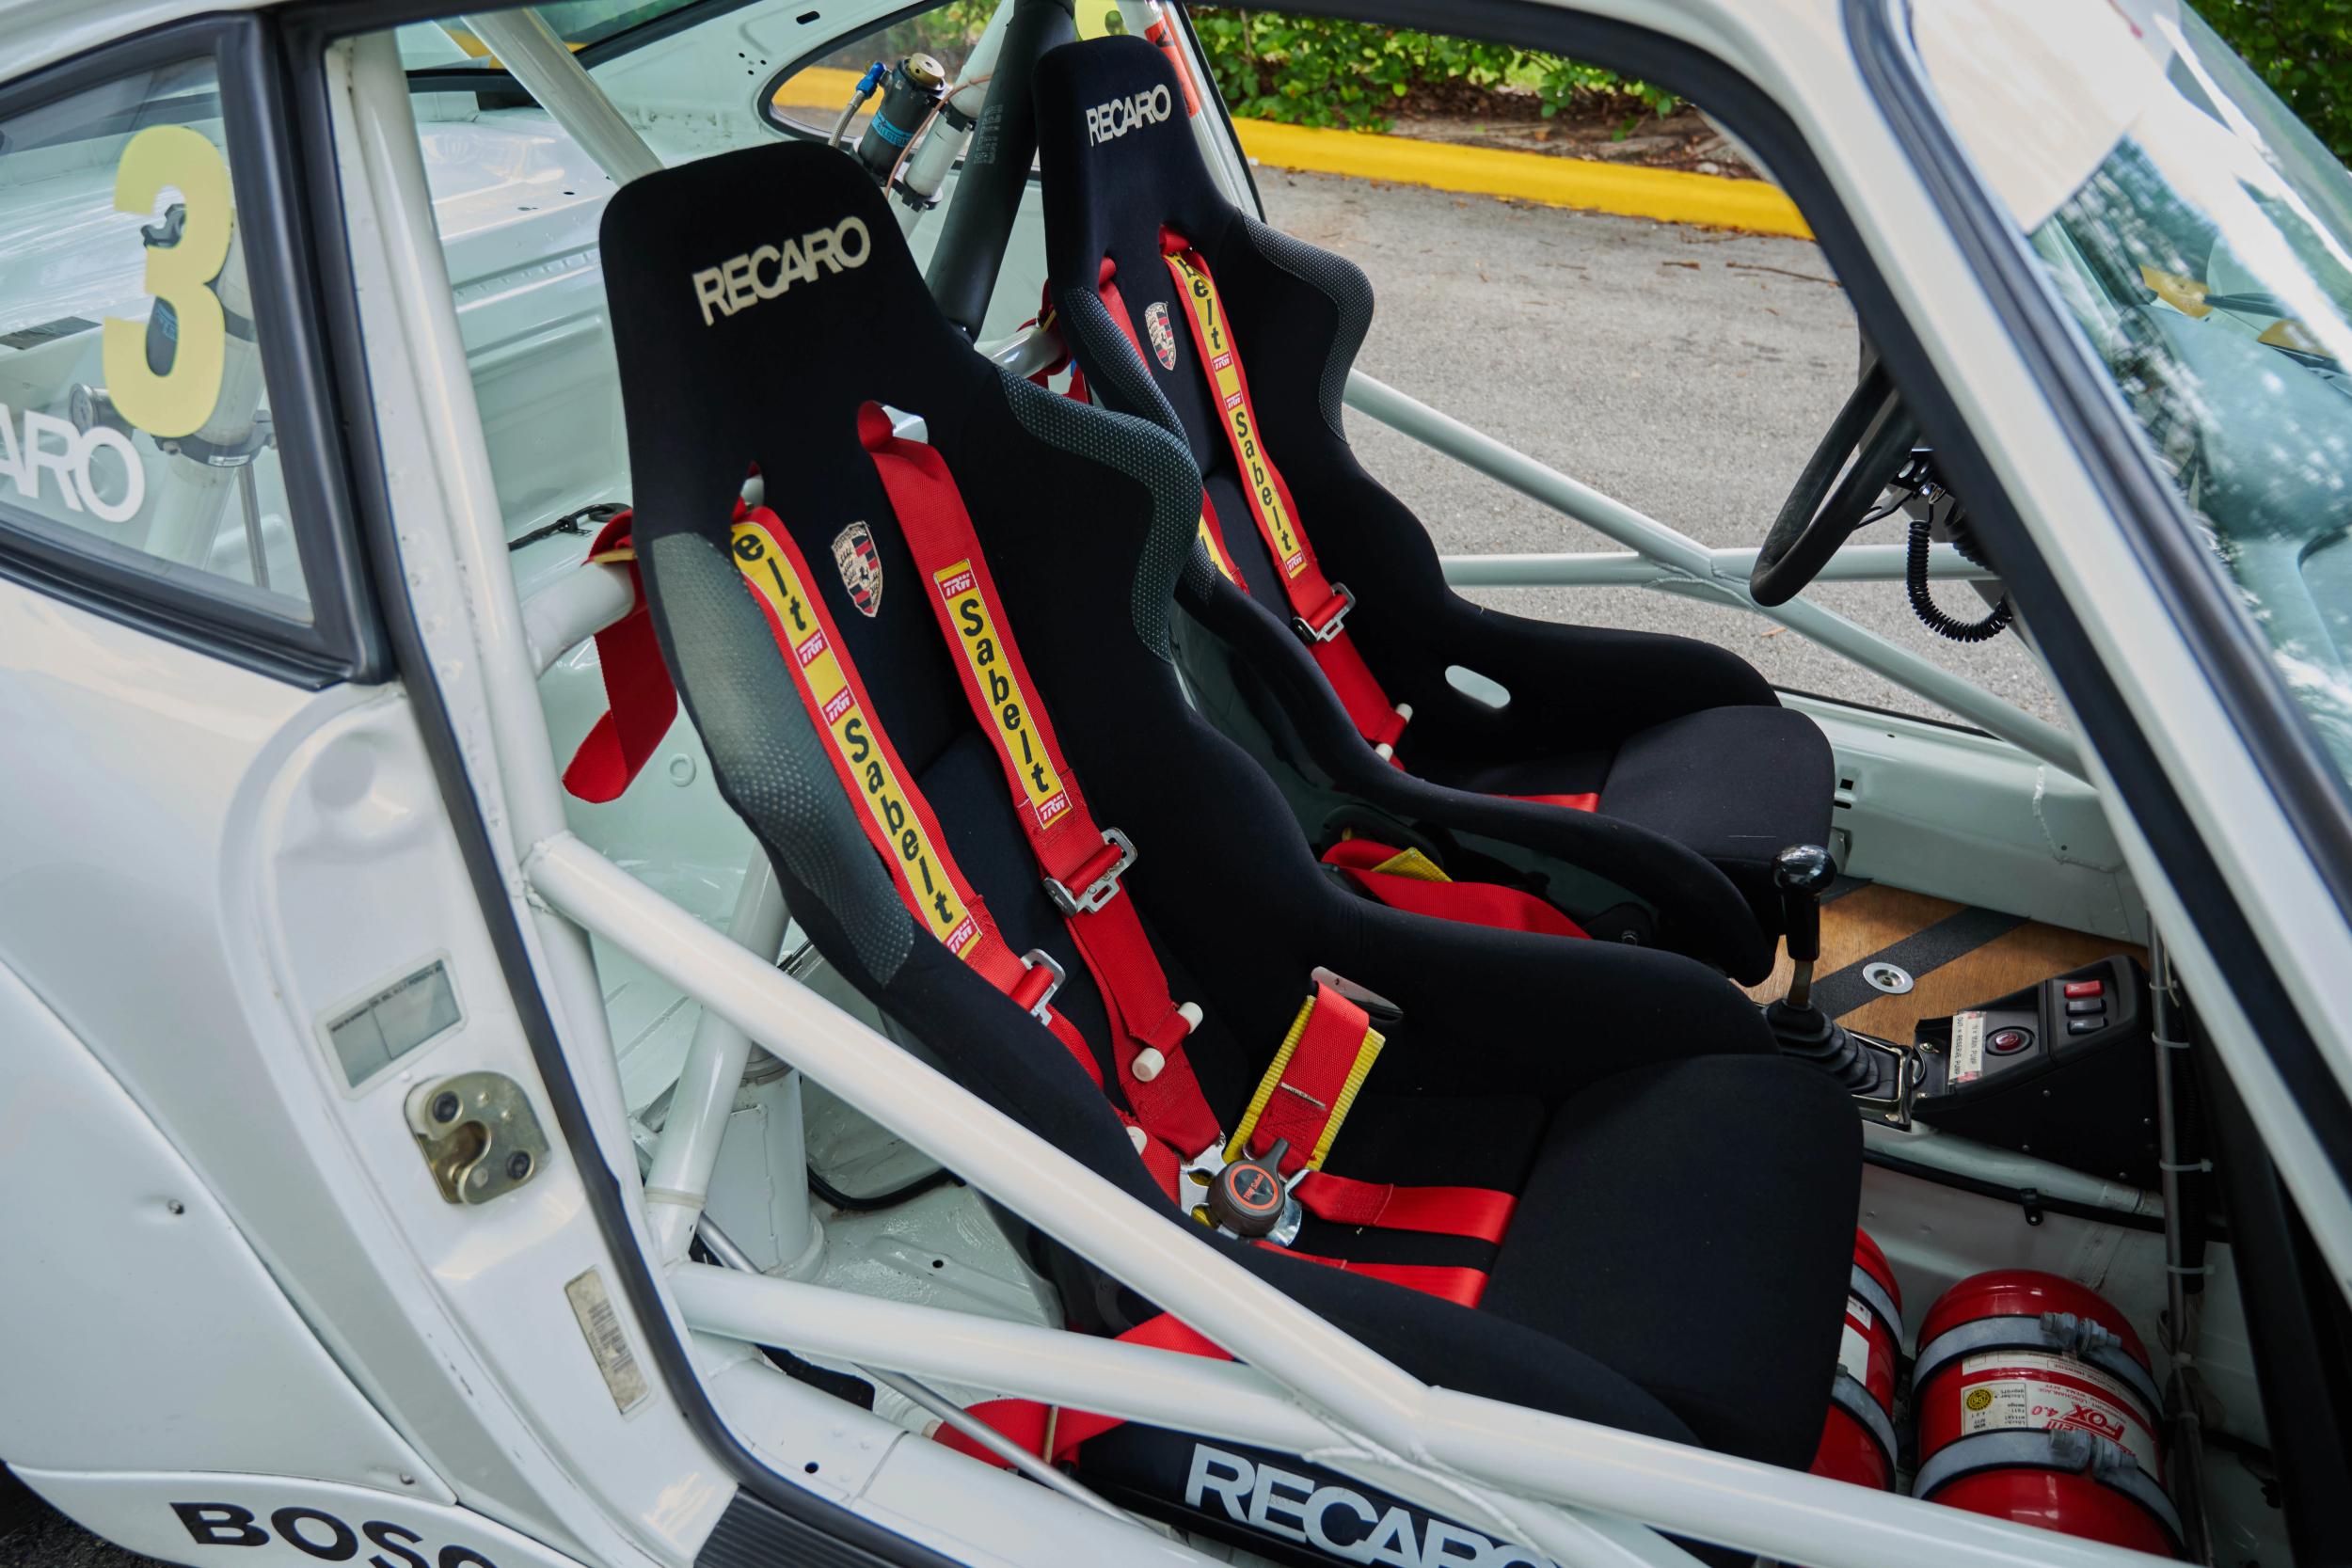 1995 Porsche 911 (993) CUP 3.8 RSR EVO